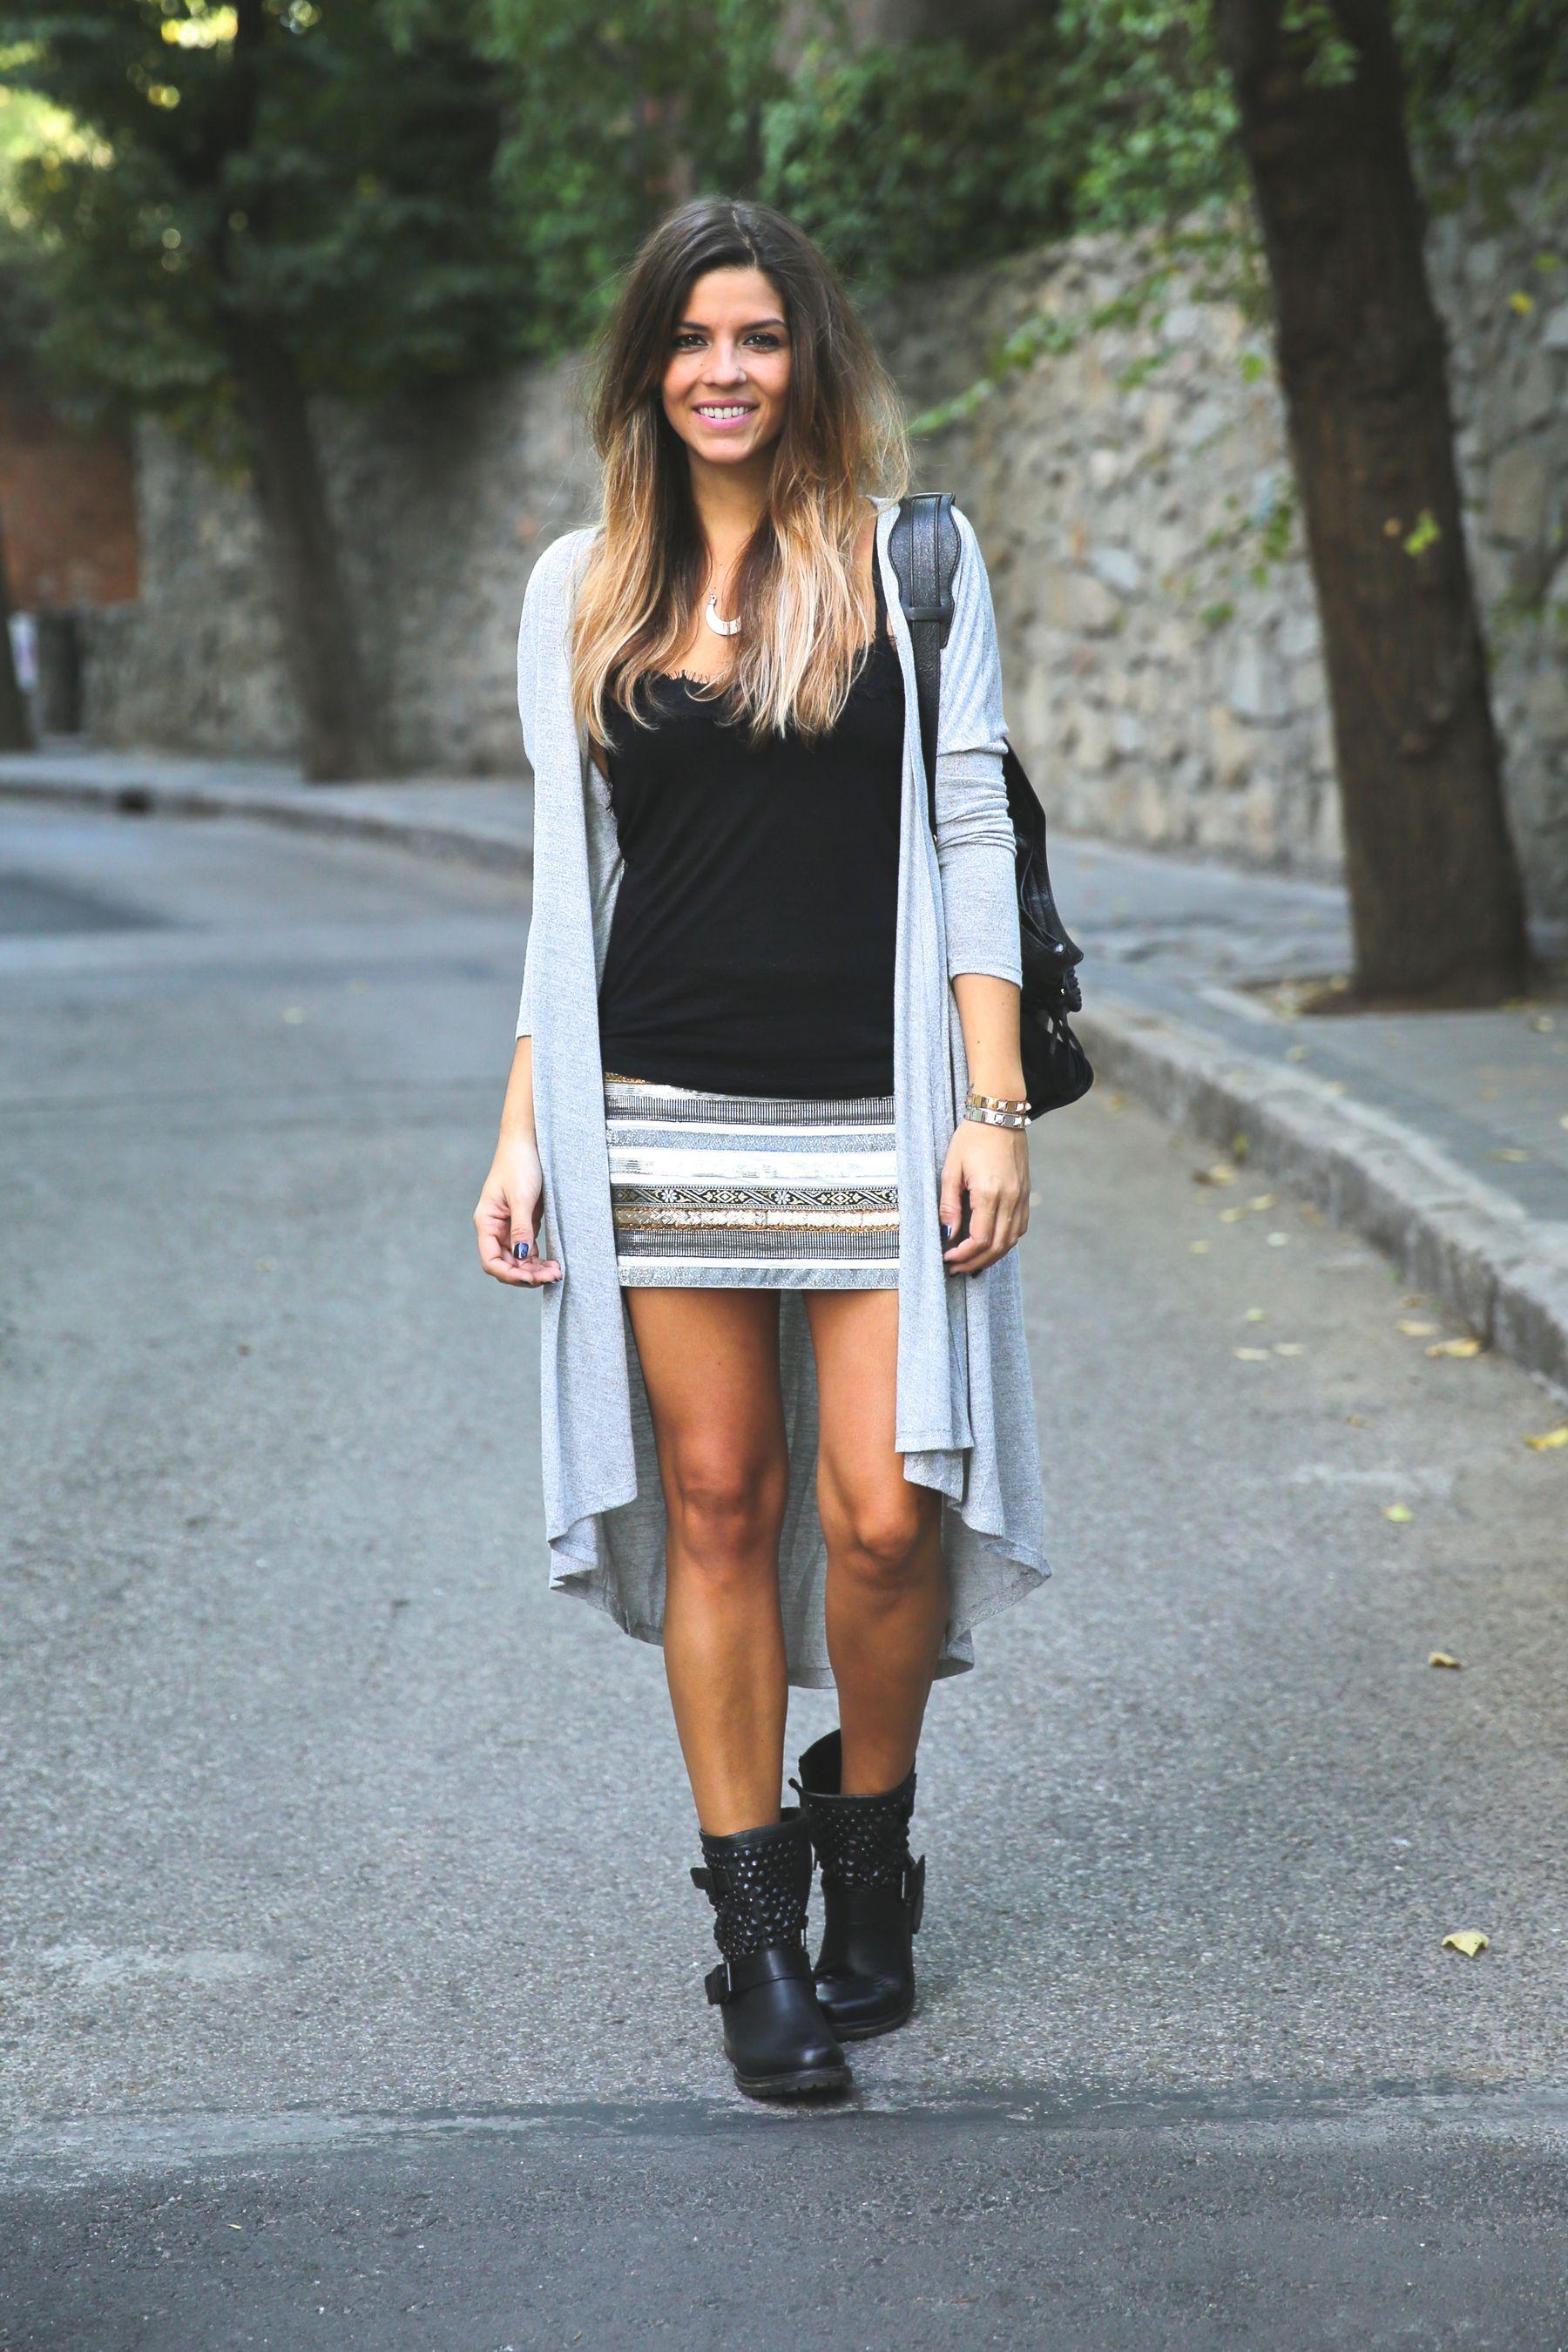 Modelo Faldeta Taste Ootd Trendy Joya blogger trendytaste SCq6wa7